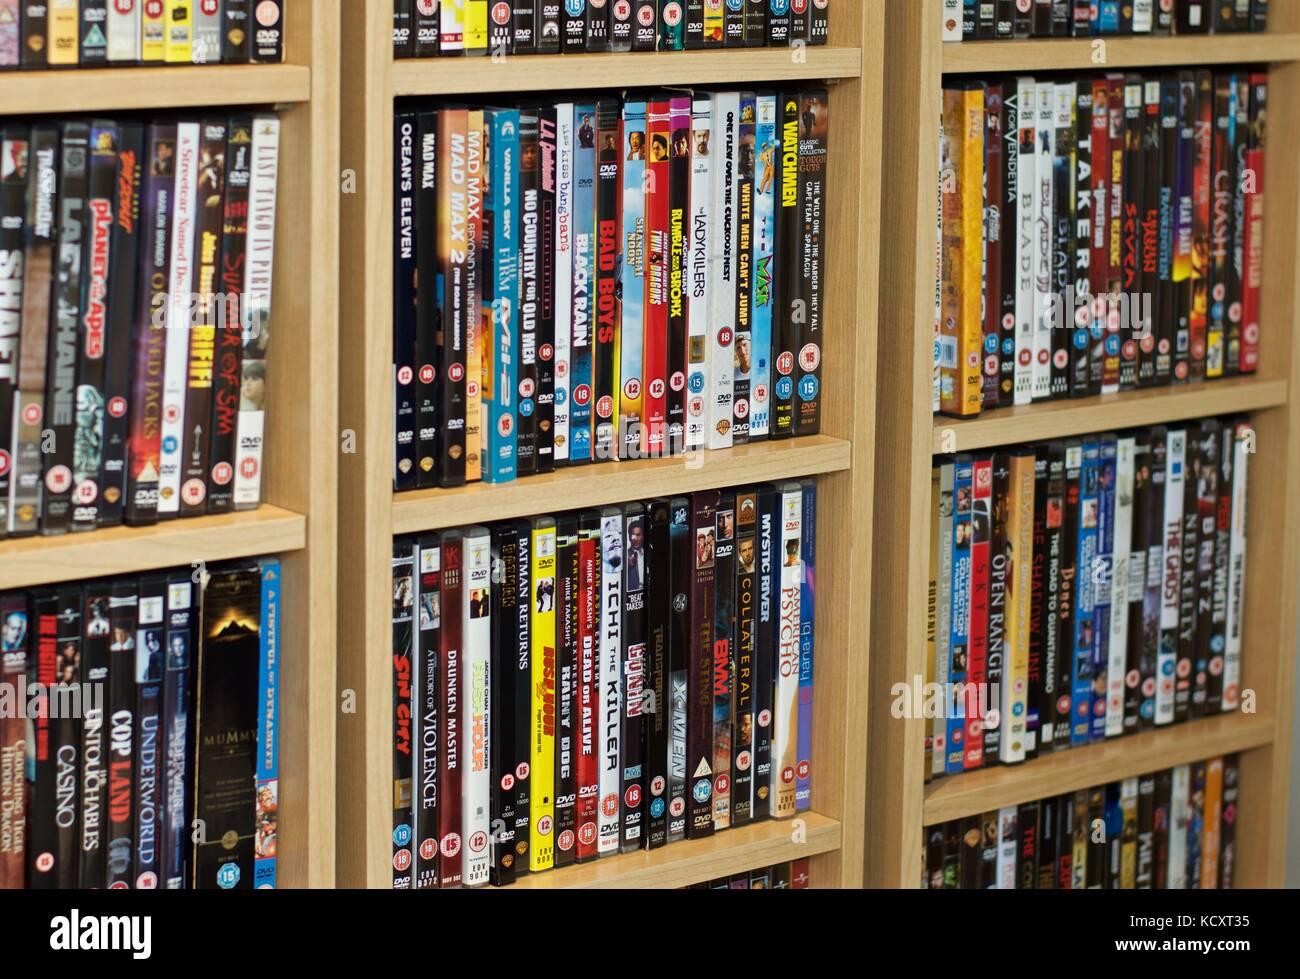 4b85f4eb0 Movie Collection Dvd Stock Photos   Movie Collection Dvd Stock ...